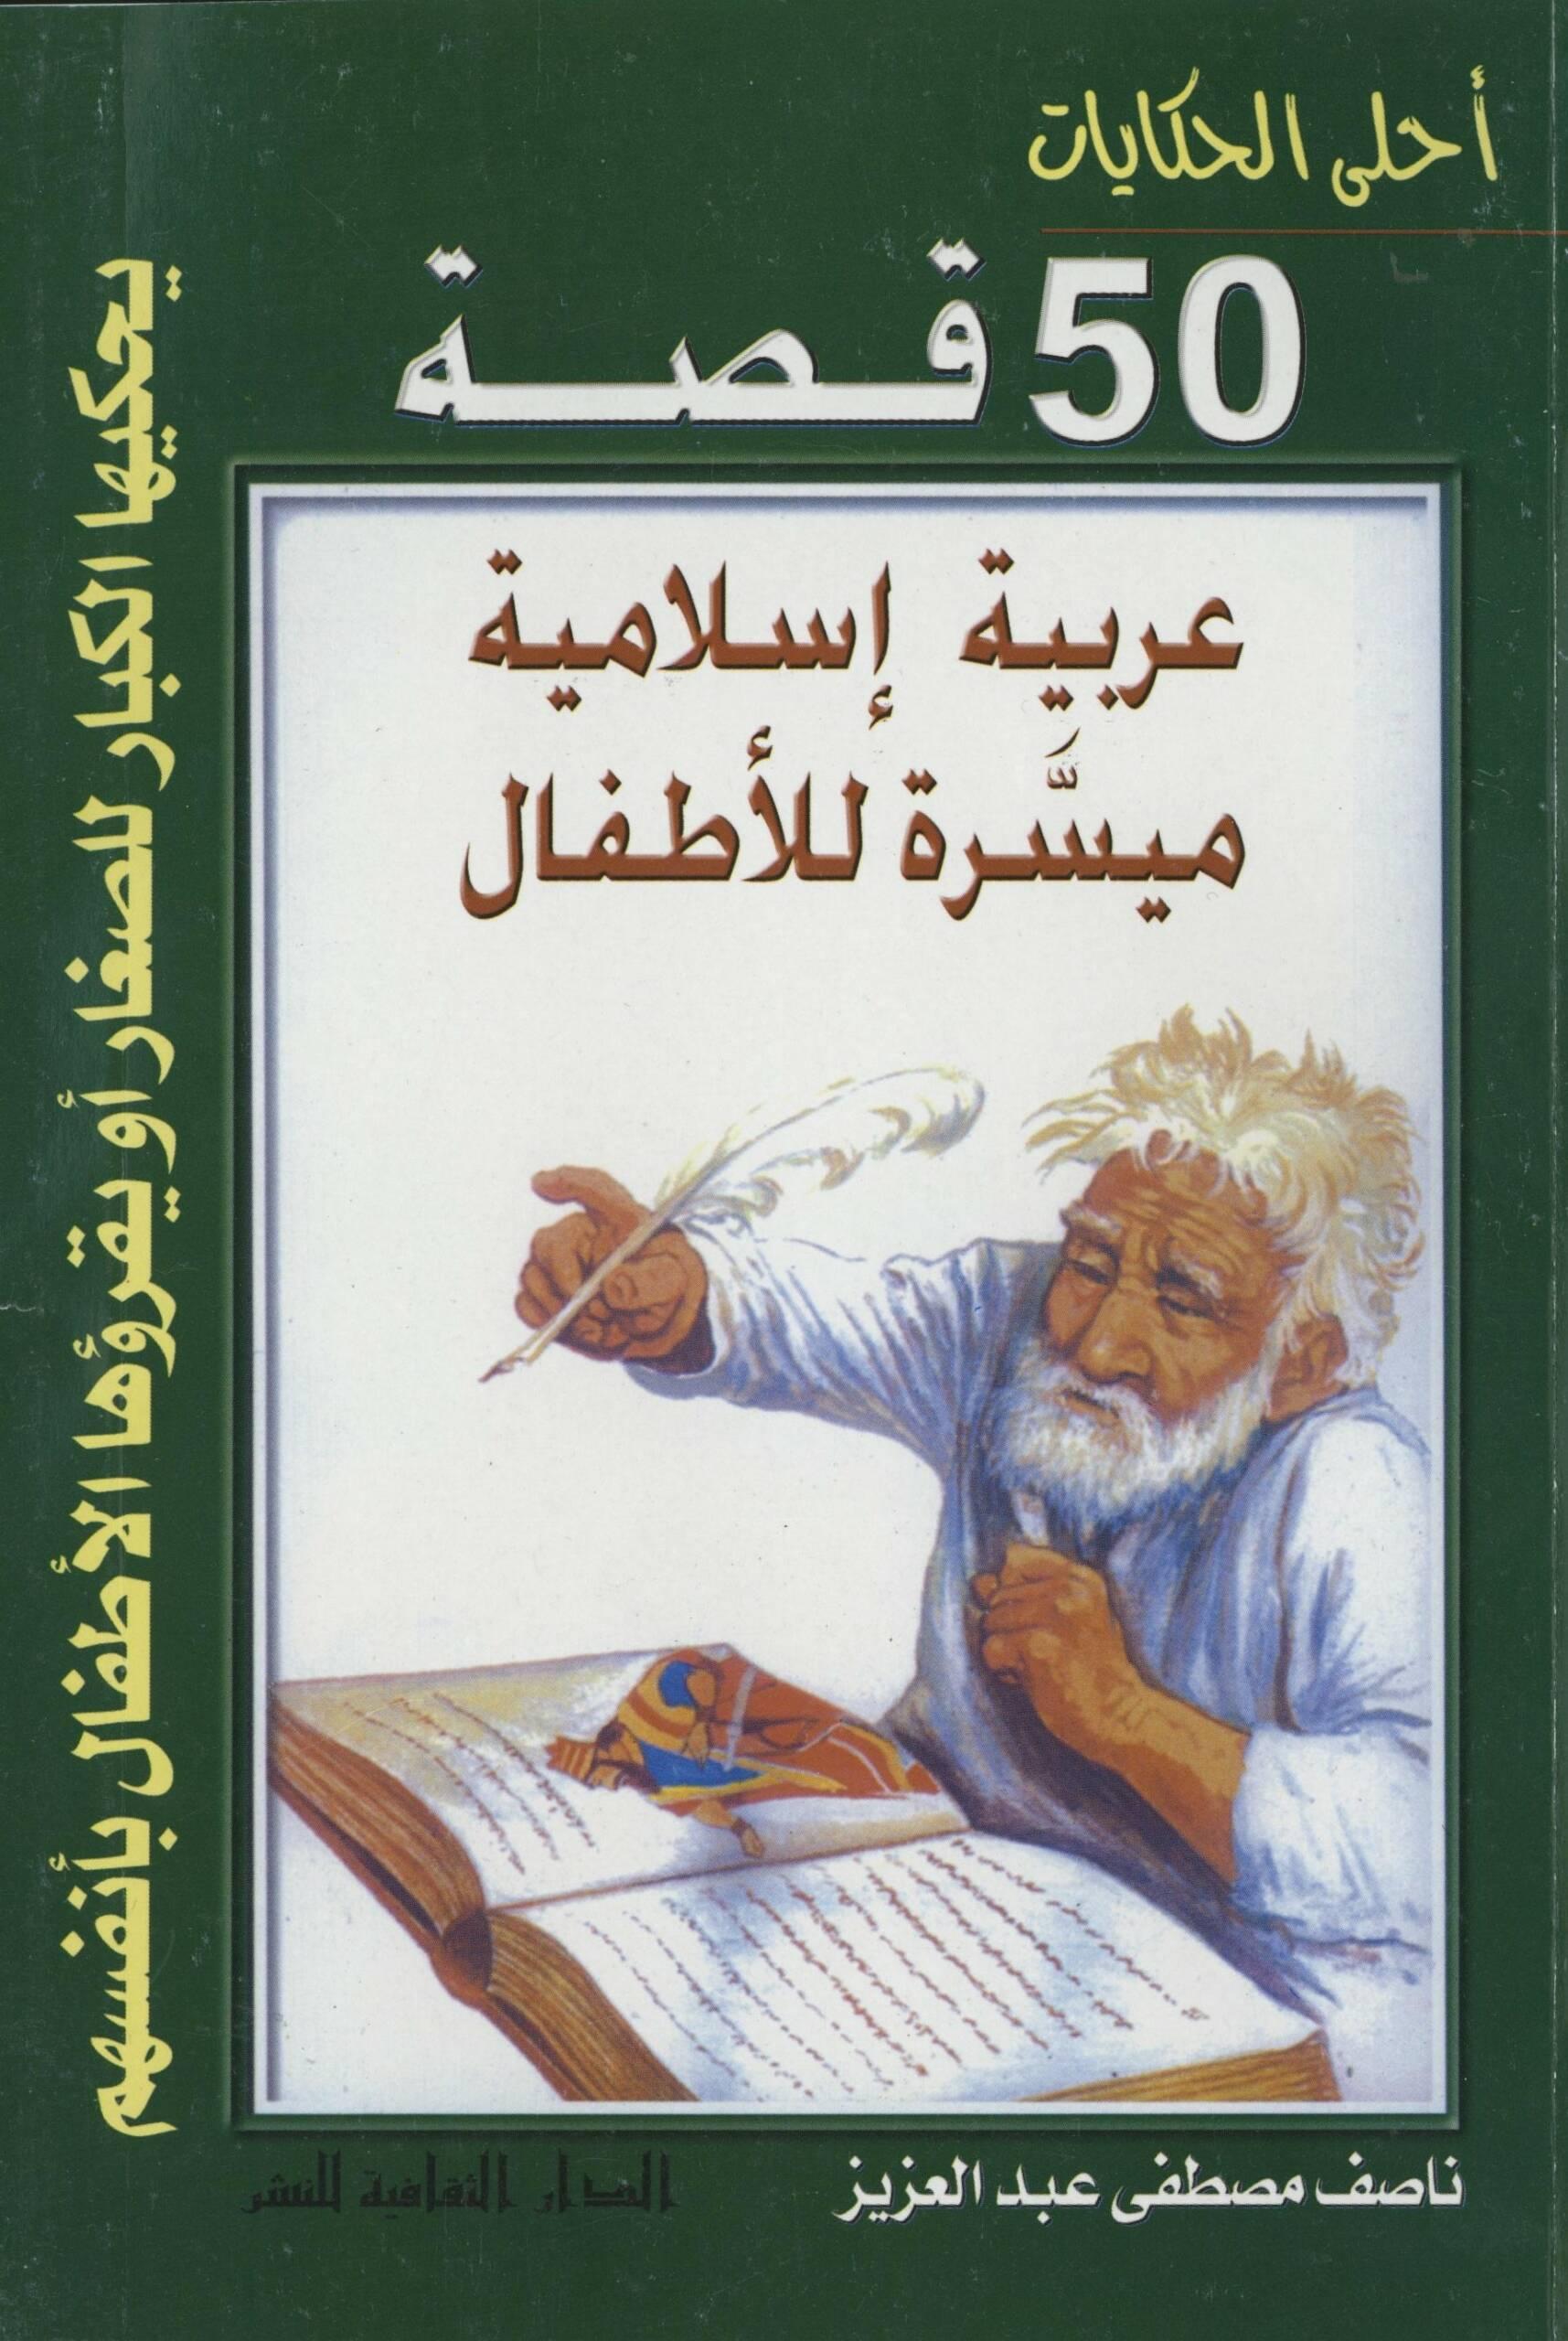 أحلى الحكايات – خمسون قصة عربية إسلامية ميسرة للأطفال